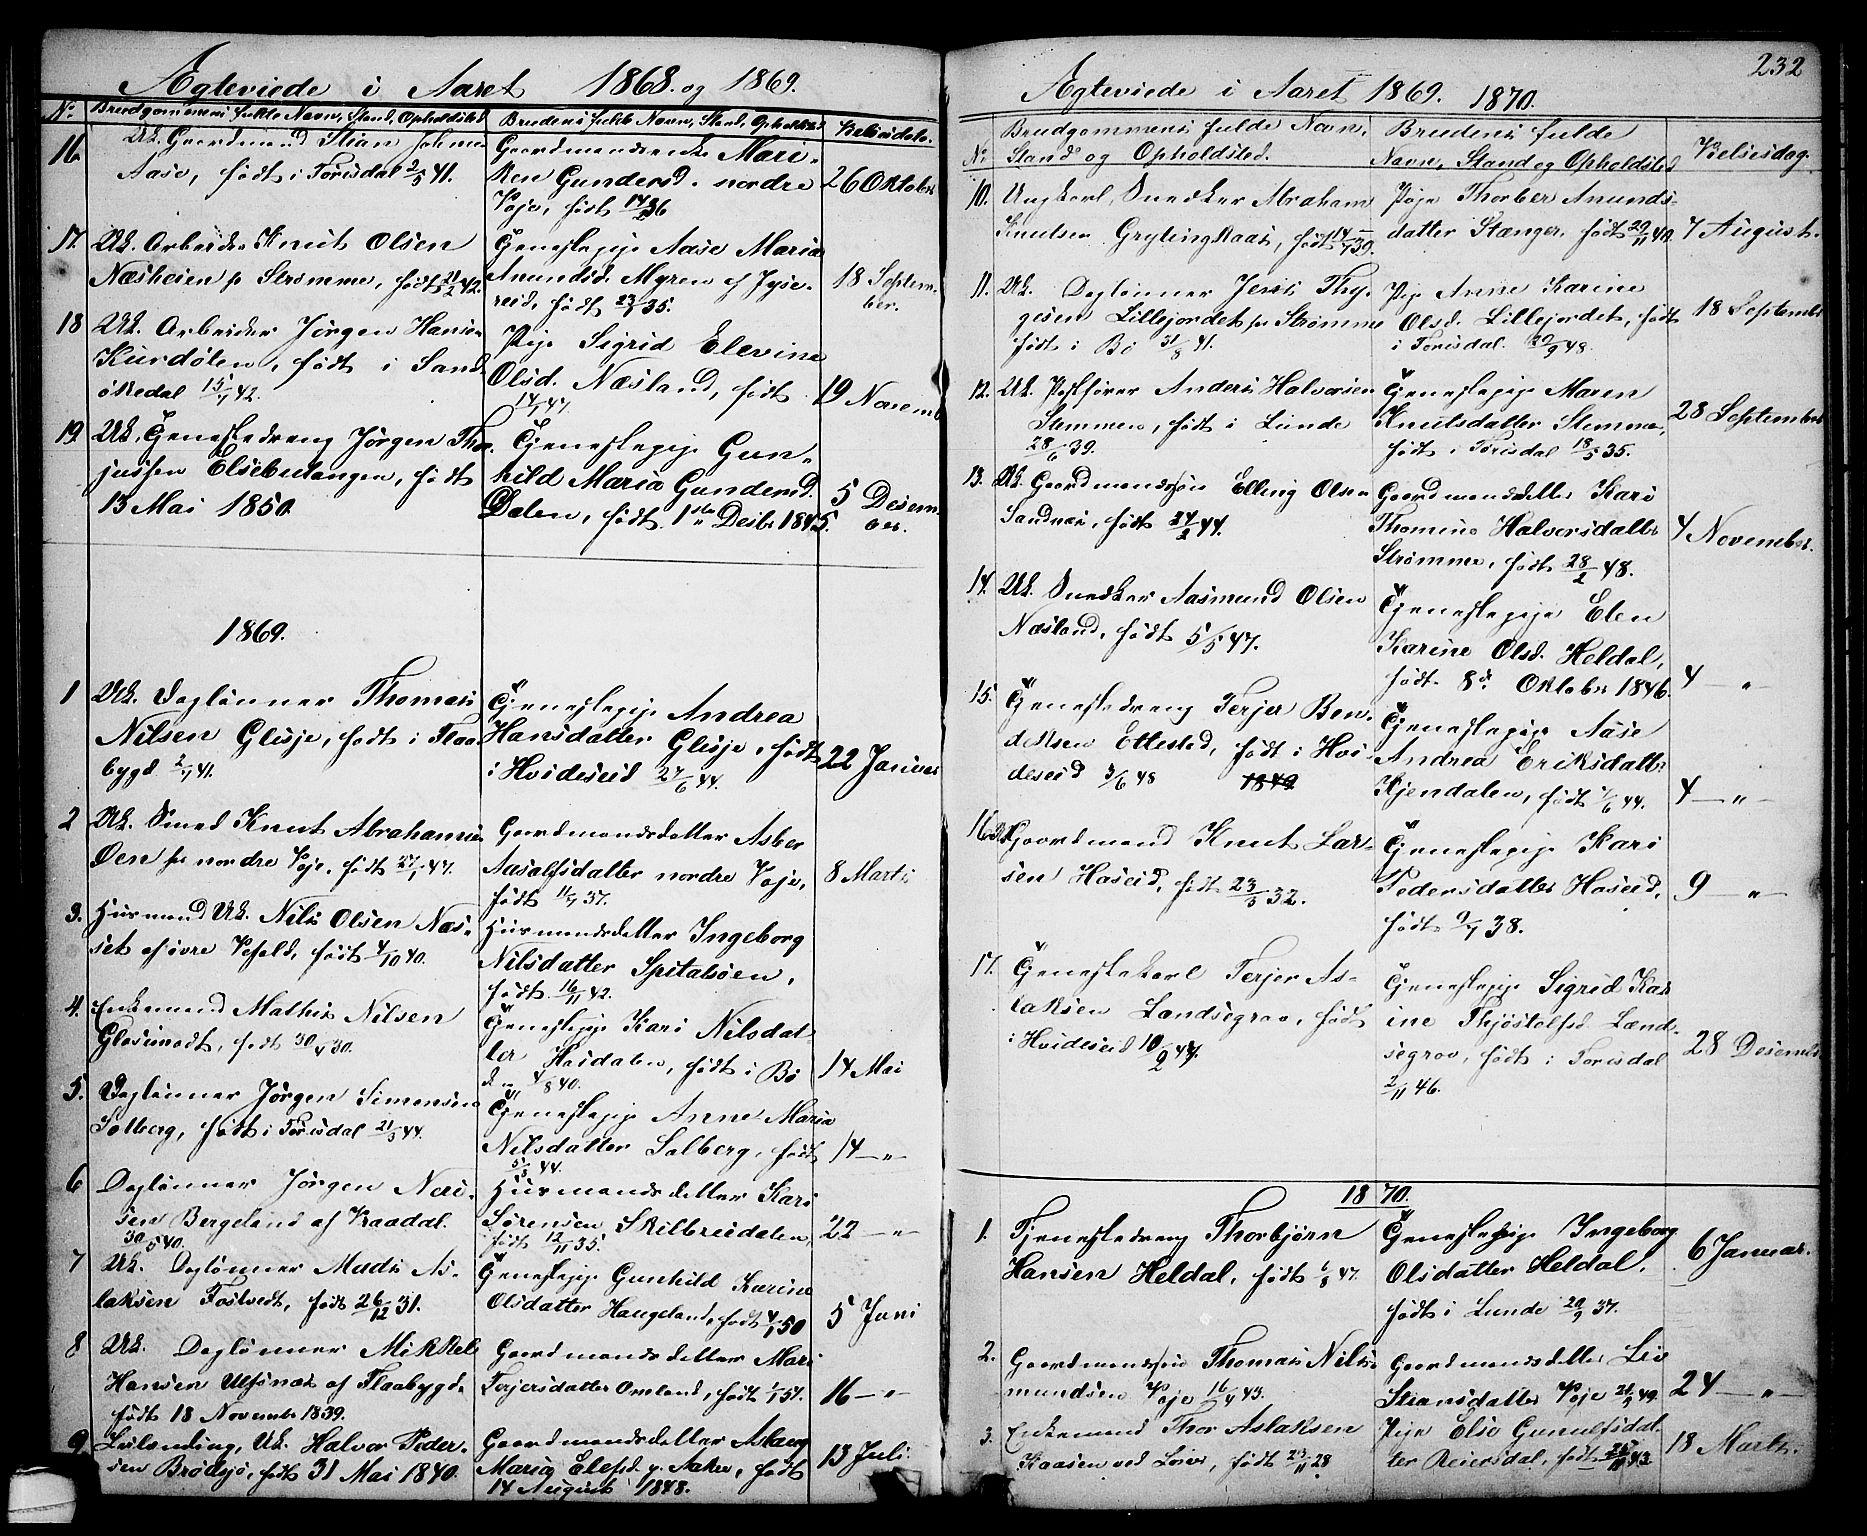 SAKO, Drangedal kirkebøker, G/Ga/L0002: Klokkerbok nr. I 2, 1856-1887, s. 232